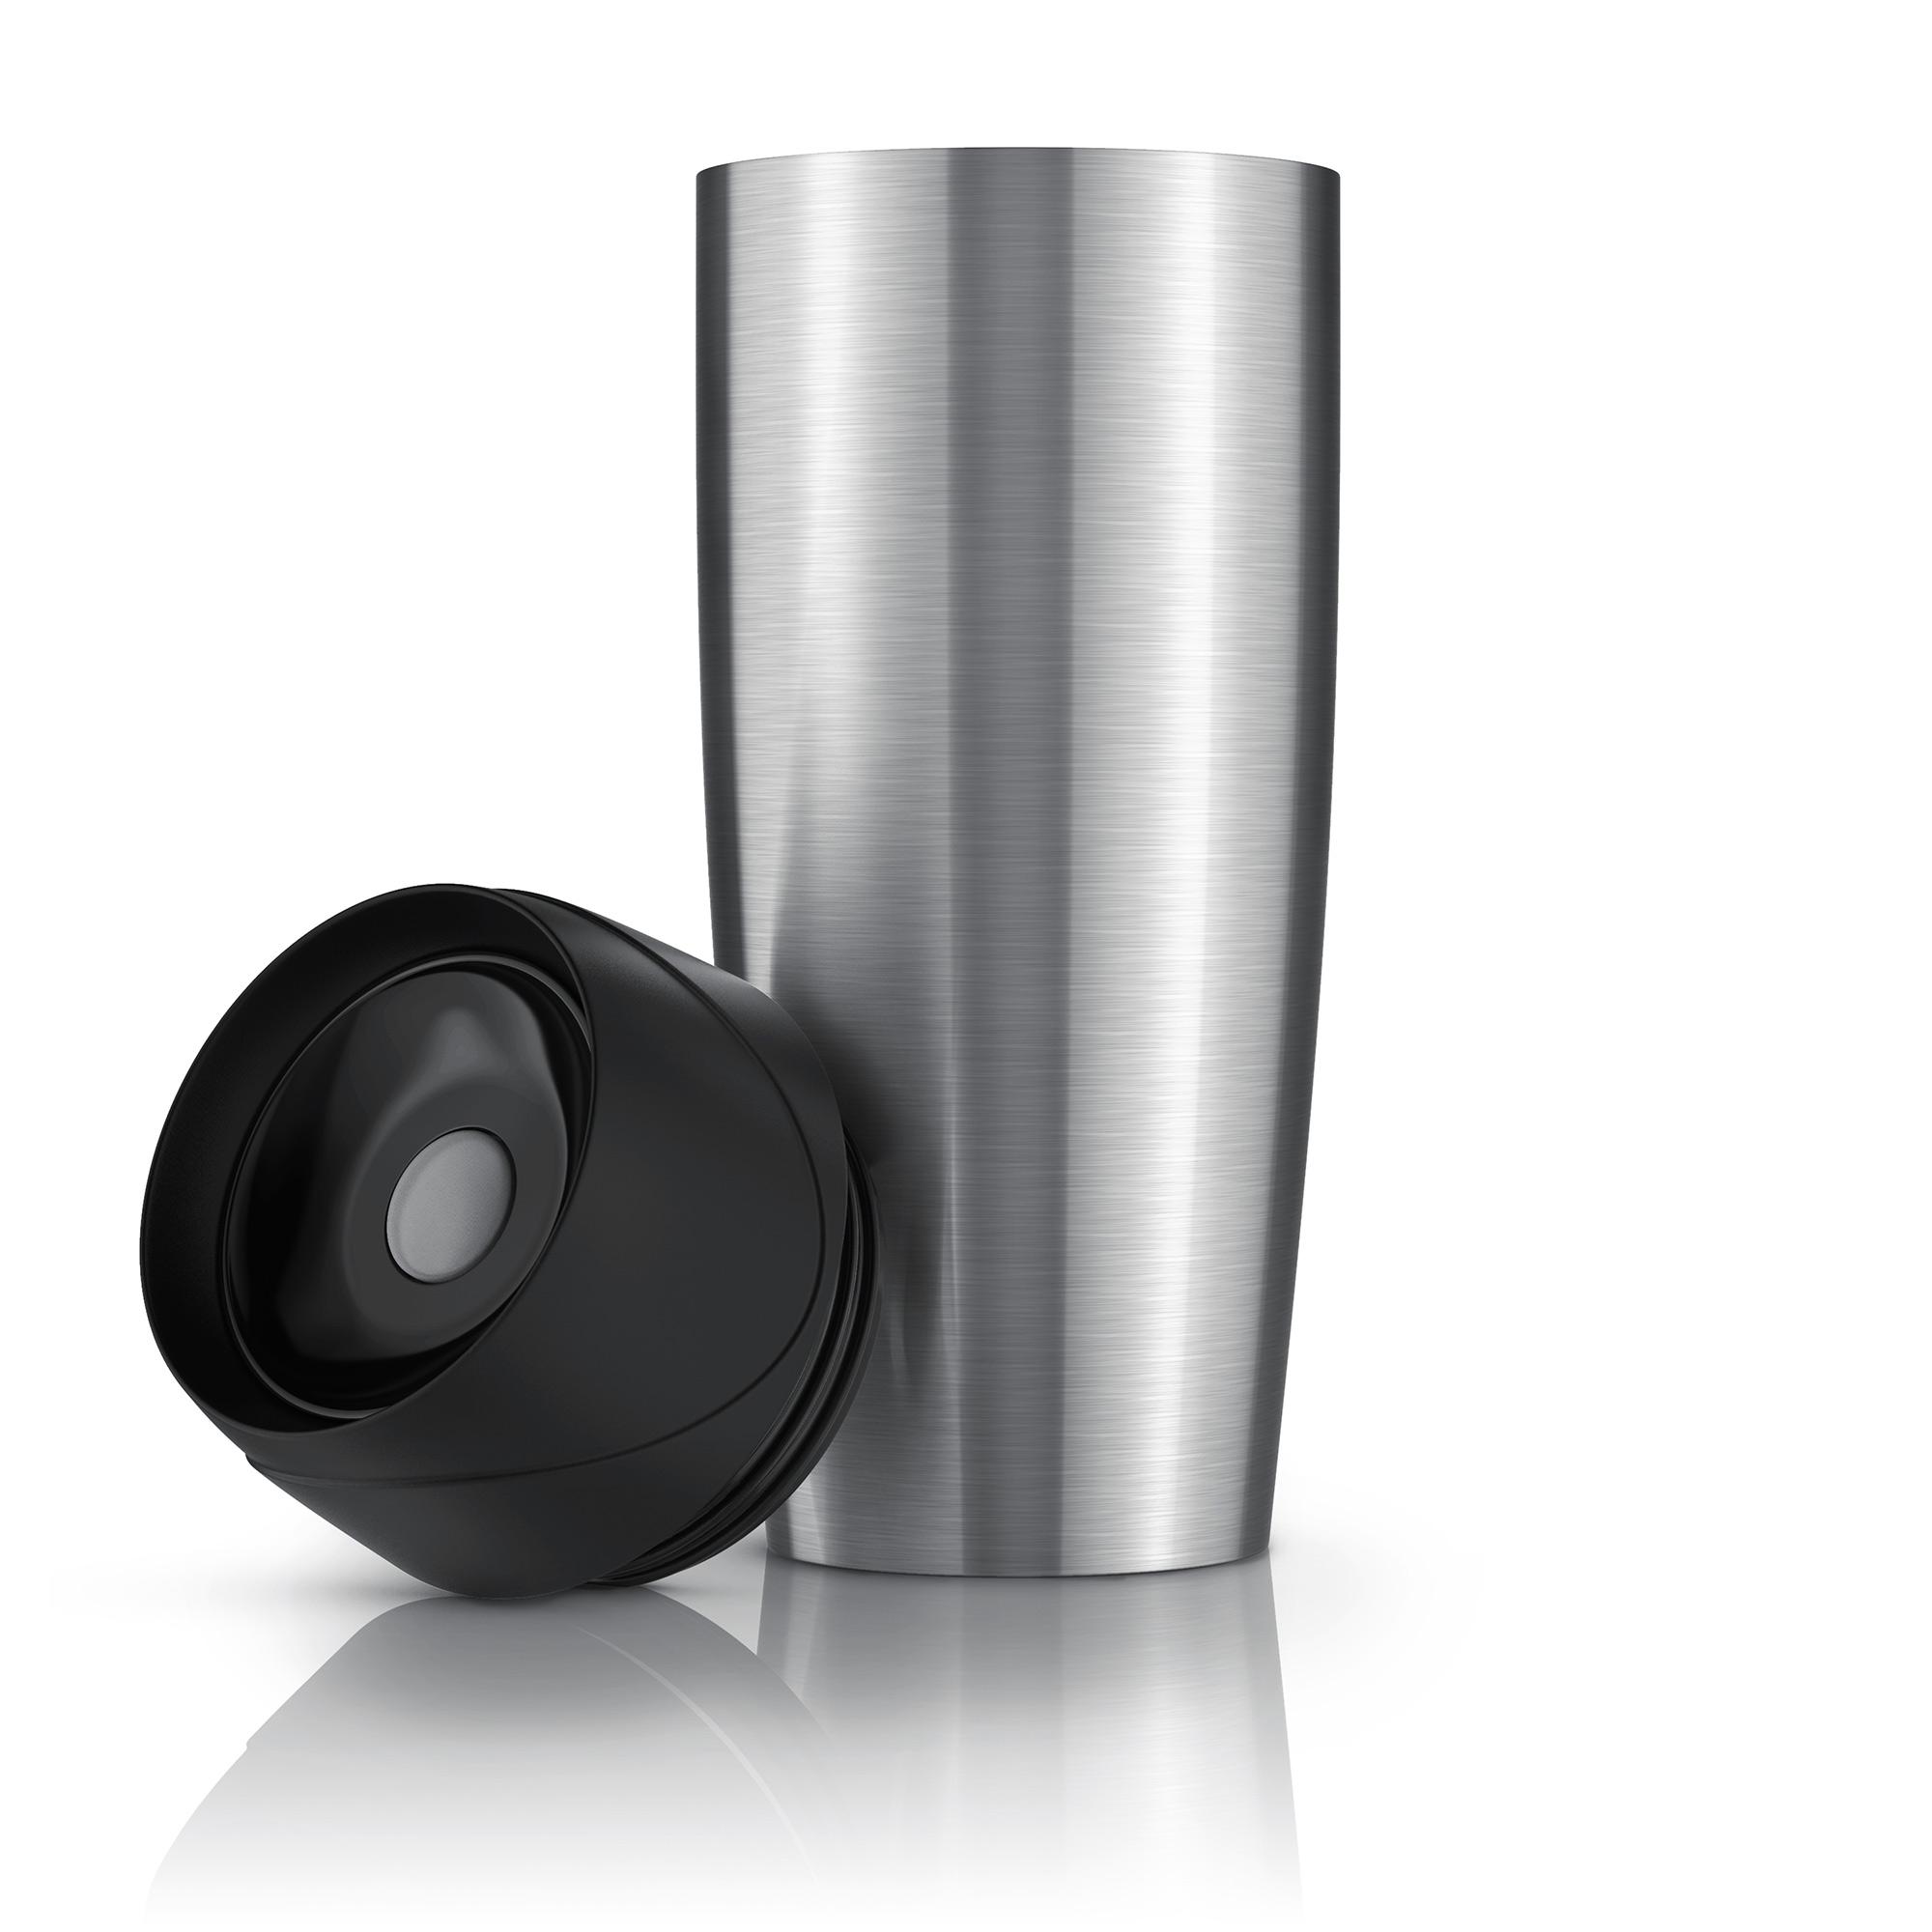 TRAVEL - EDELSTAHL THERMOBECHERReisebecherDoppelwanding mit Vakuumisolierung Einhand-BedienungFüllmenge: 450ml360° Trinköffnung100% luftdichter VerschlussAbnehmbarer DeckelSpülmaschinenfestWiederverwendbar (umweltschonend)BPA-frei Mod. Nr.: 303049DIREKT BEI AMAZON KAUFENDIREKT BEI OTTO KAUFEN